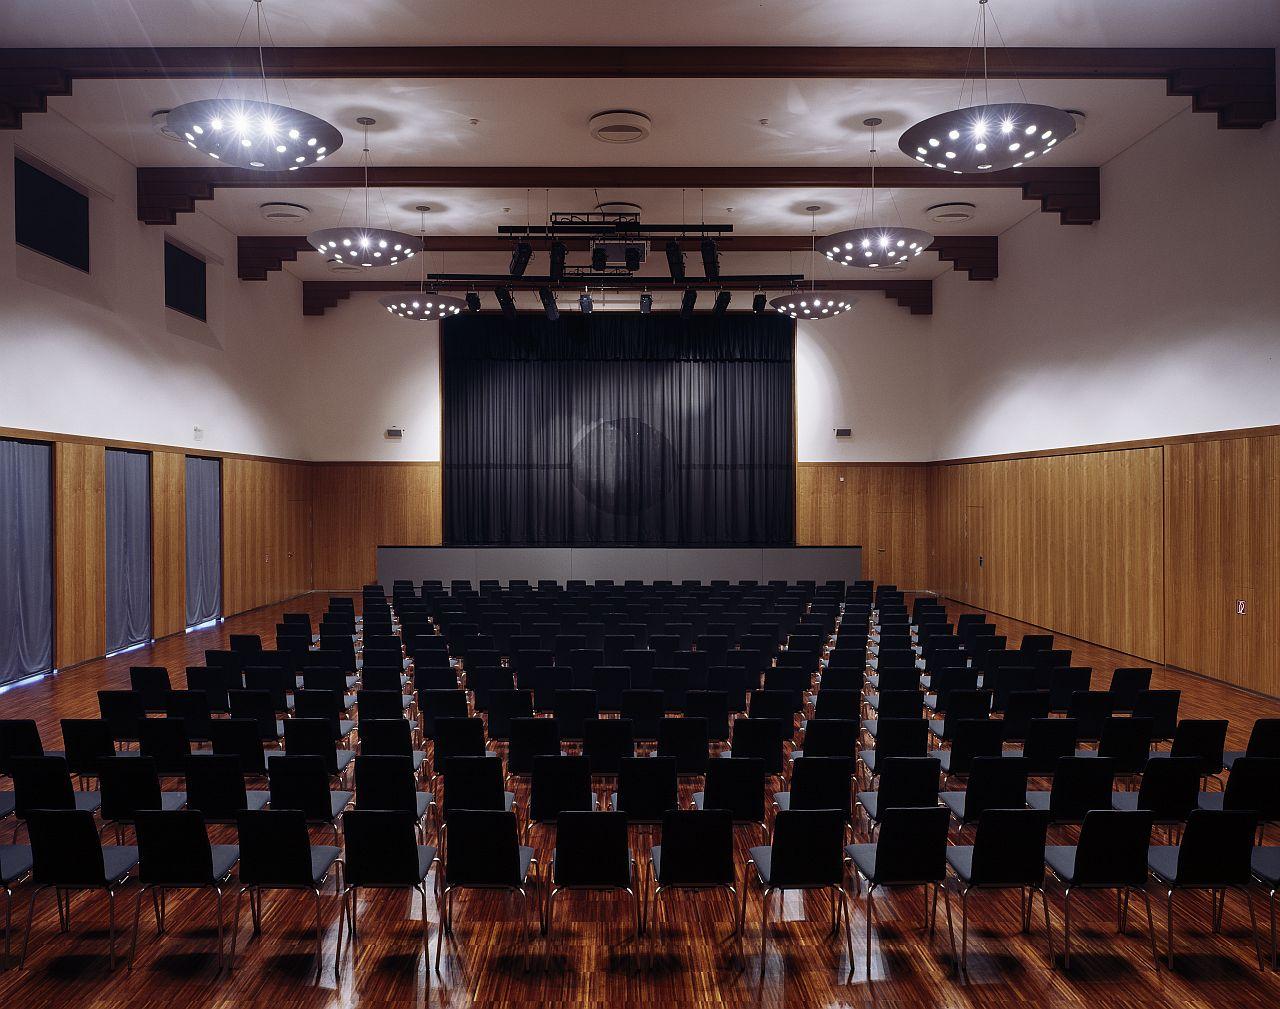 Festhalle bestuhlter Saal mit Blick auf die Bühne